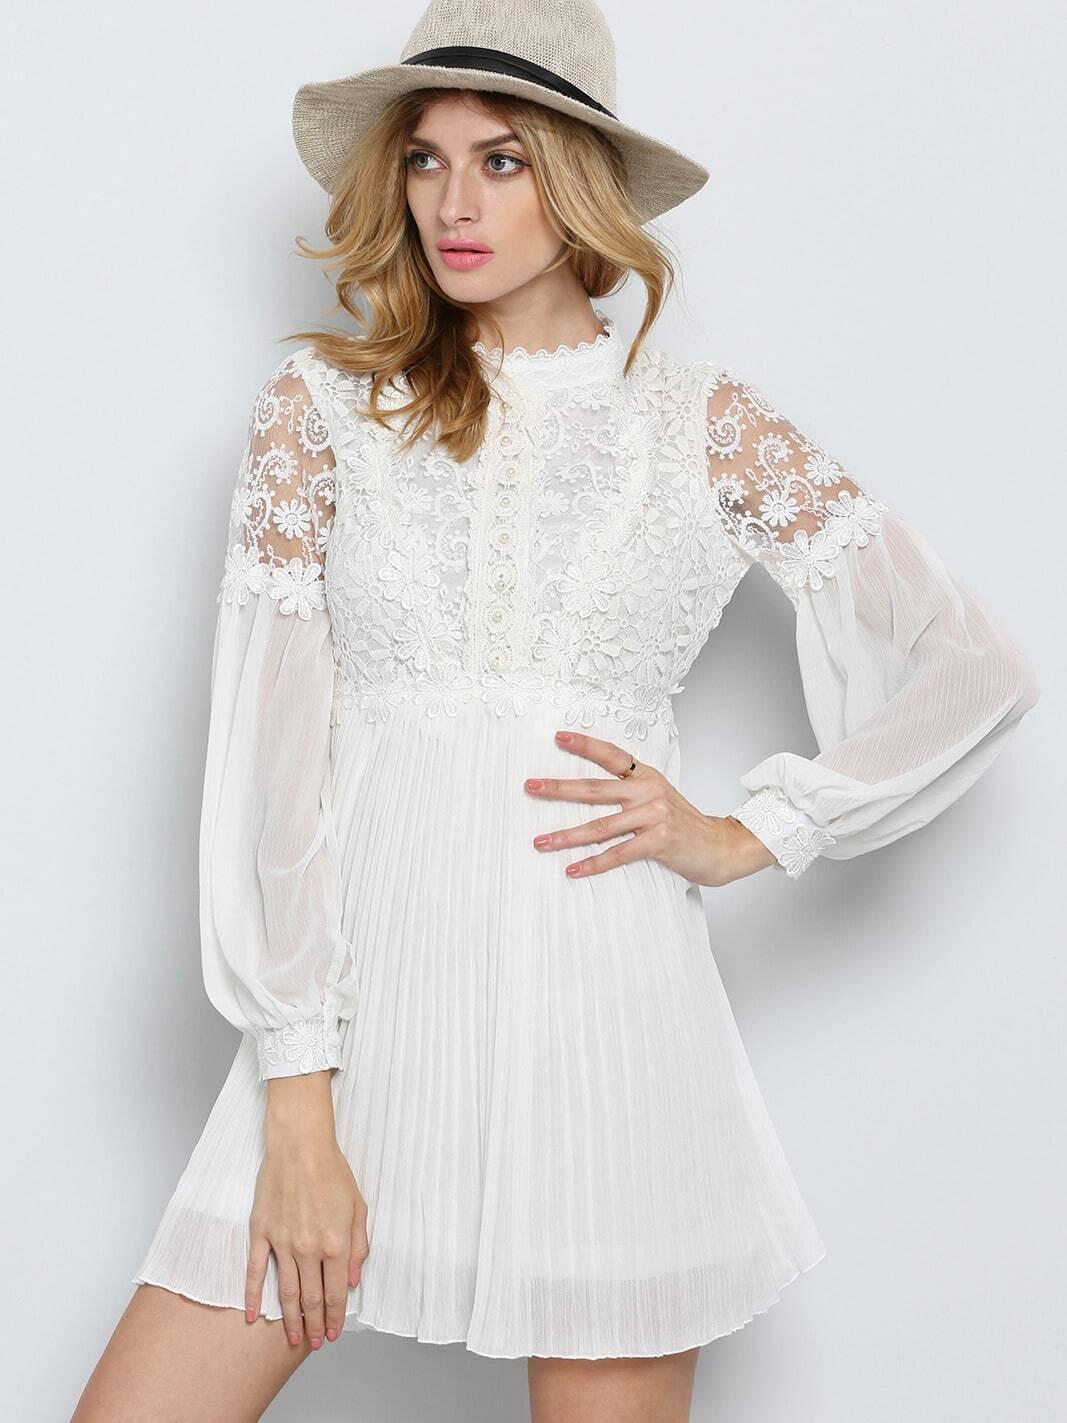 Kleid Langarm mit Stickereien Spitze und Perlen besetzt ...